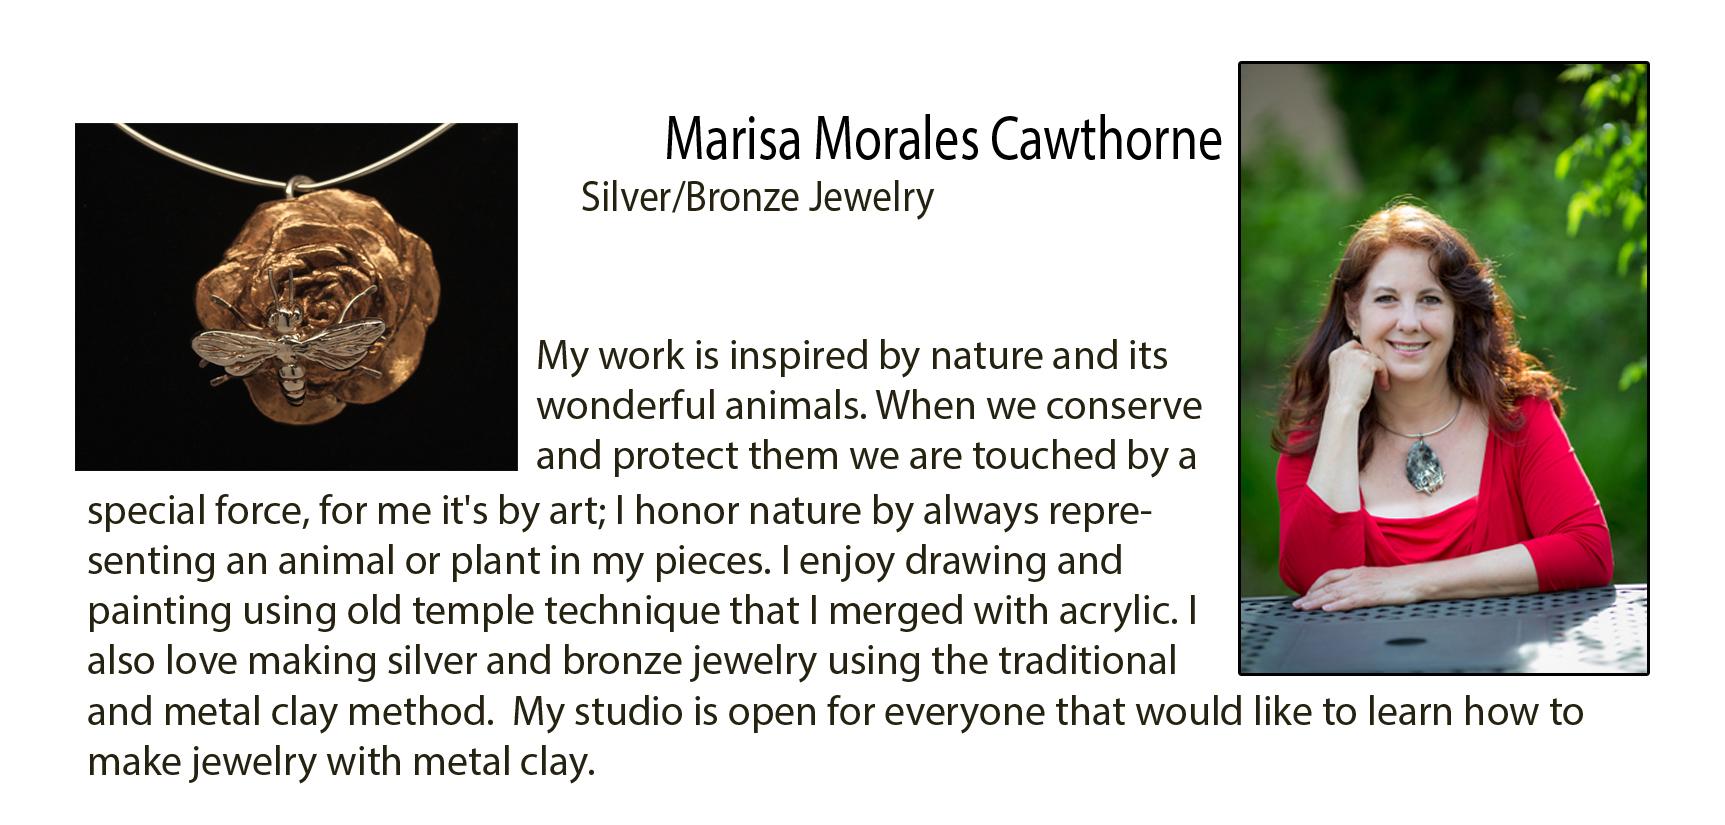 Marisa profile for FB.jpg